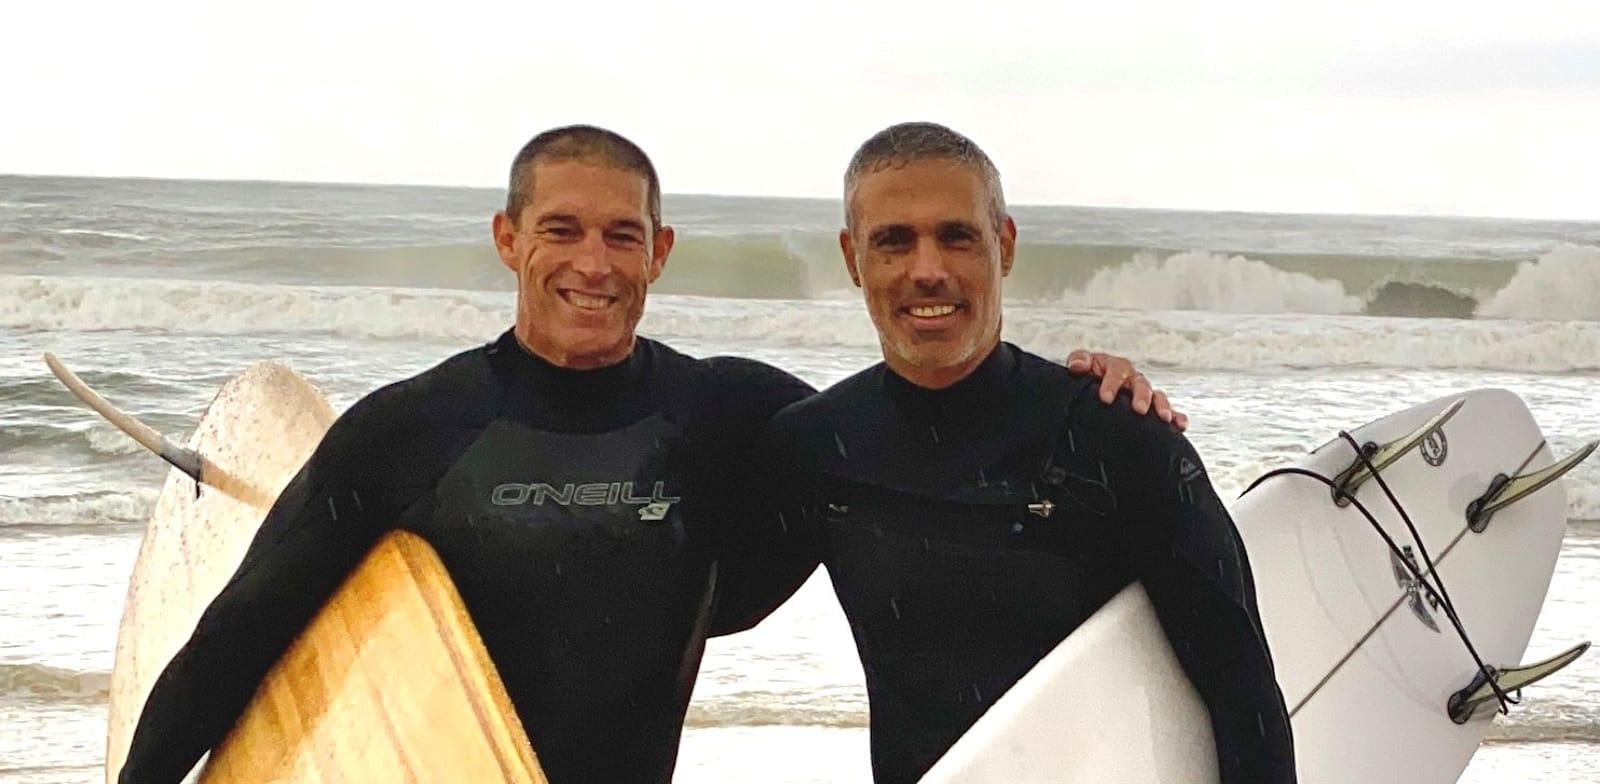 Gil Sadeh and Yoav-Izhar Prato. Credit: PR